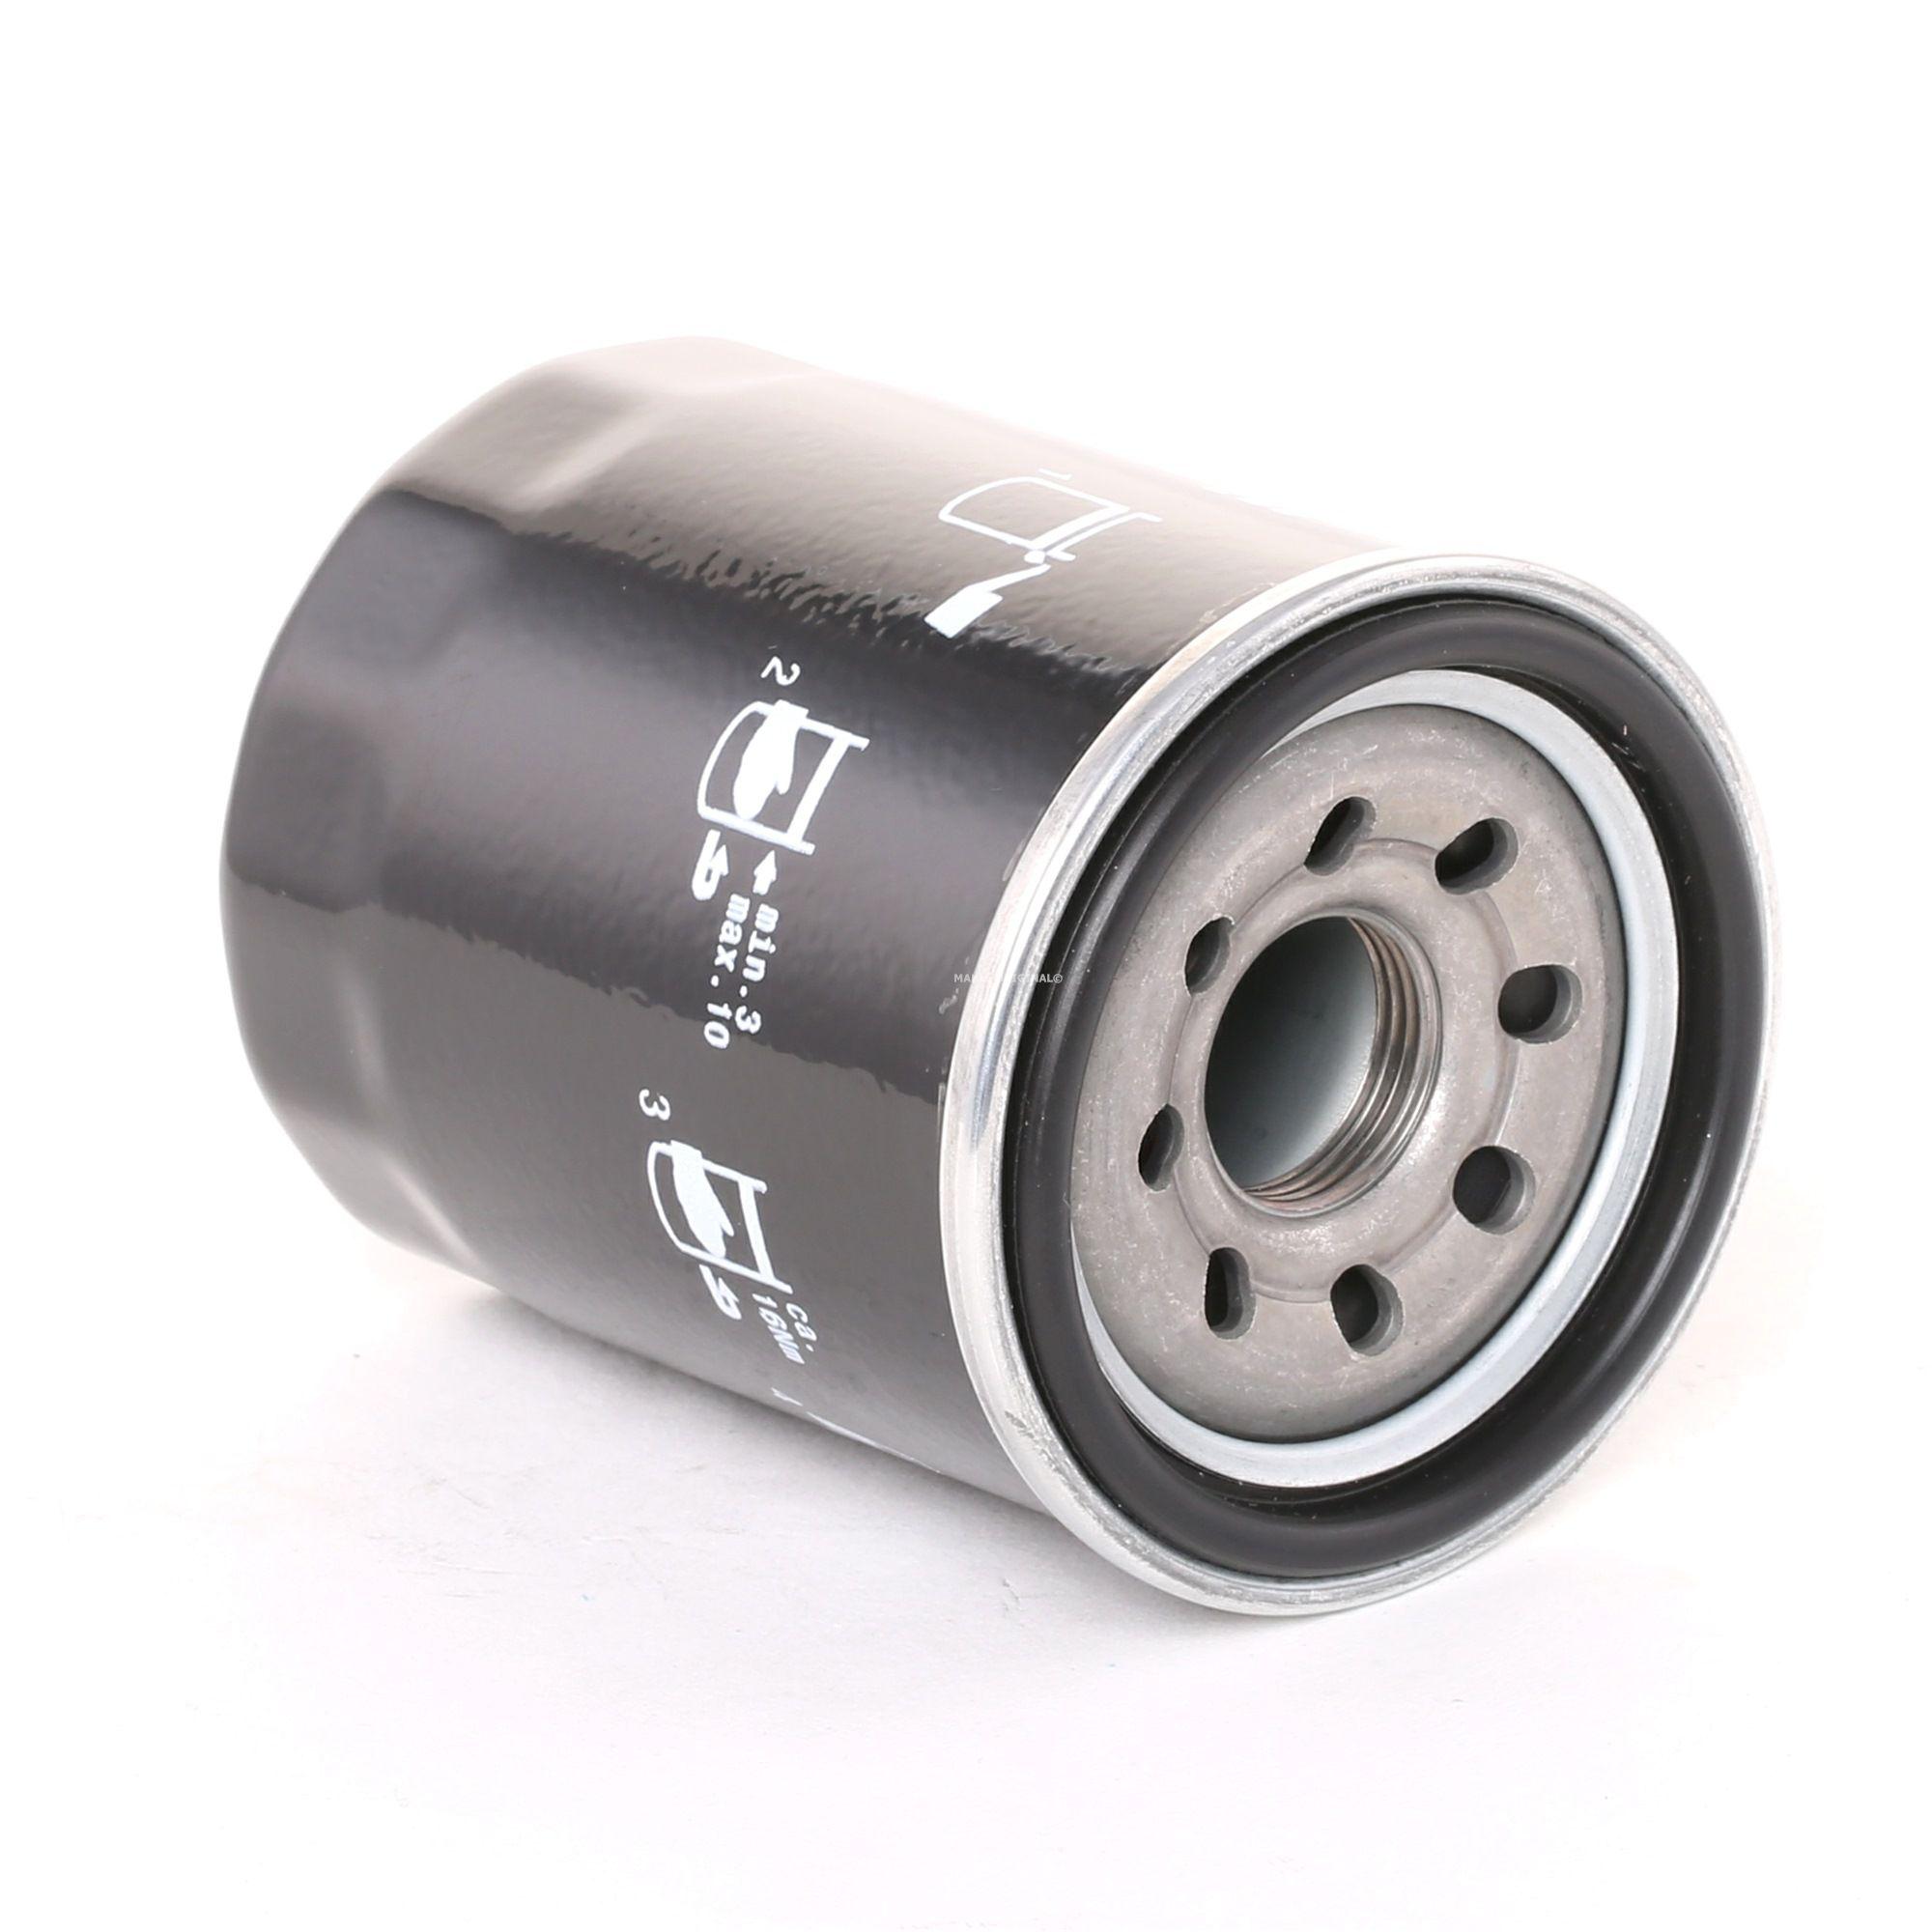 76886907 MAHLE ORIGINAL Anschraubfilter Innendurchmesser 2: 52mm, Innendurchmesser 2: 52mm, Ø: 65,5mm, Außendurchmesser 2: 63mm, Ø: 65,5mm, Höhe: 87mm Ölfilter OC 495 günstig kaufen